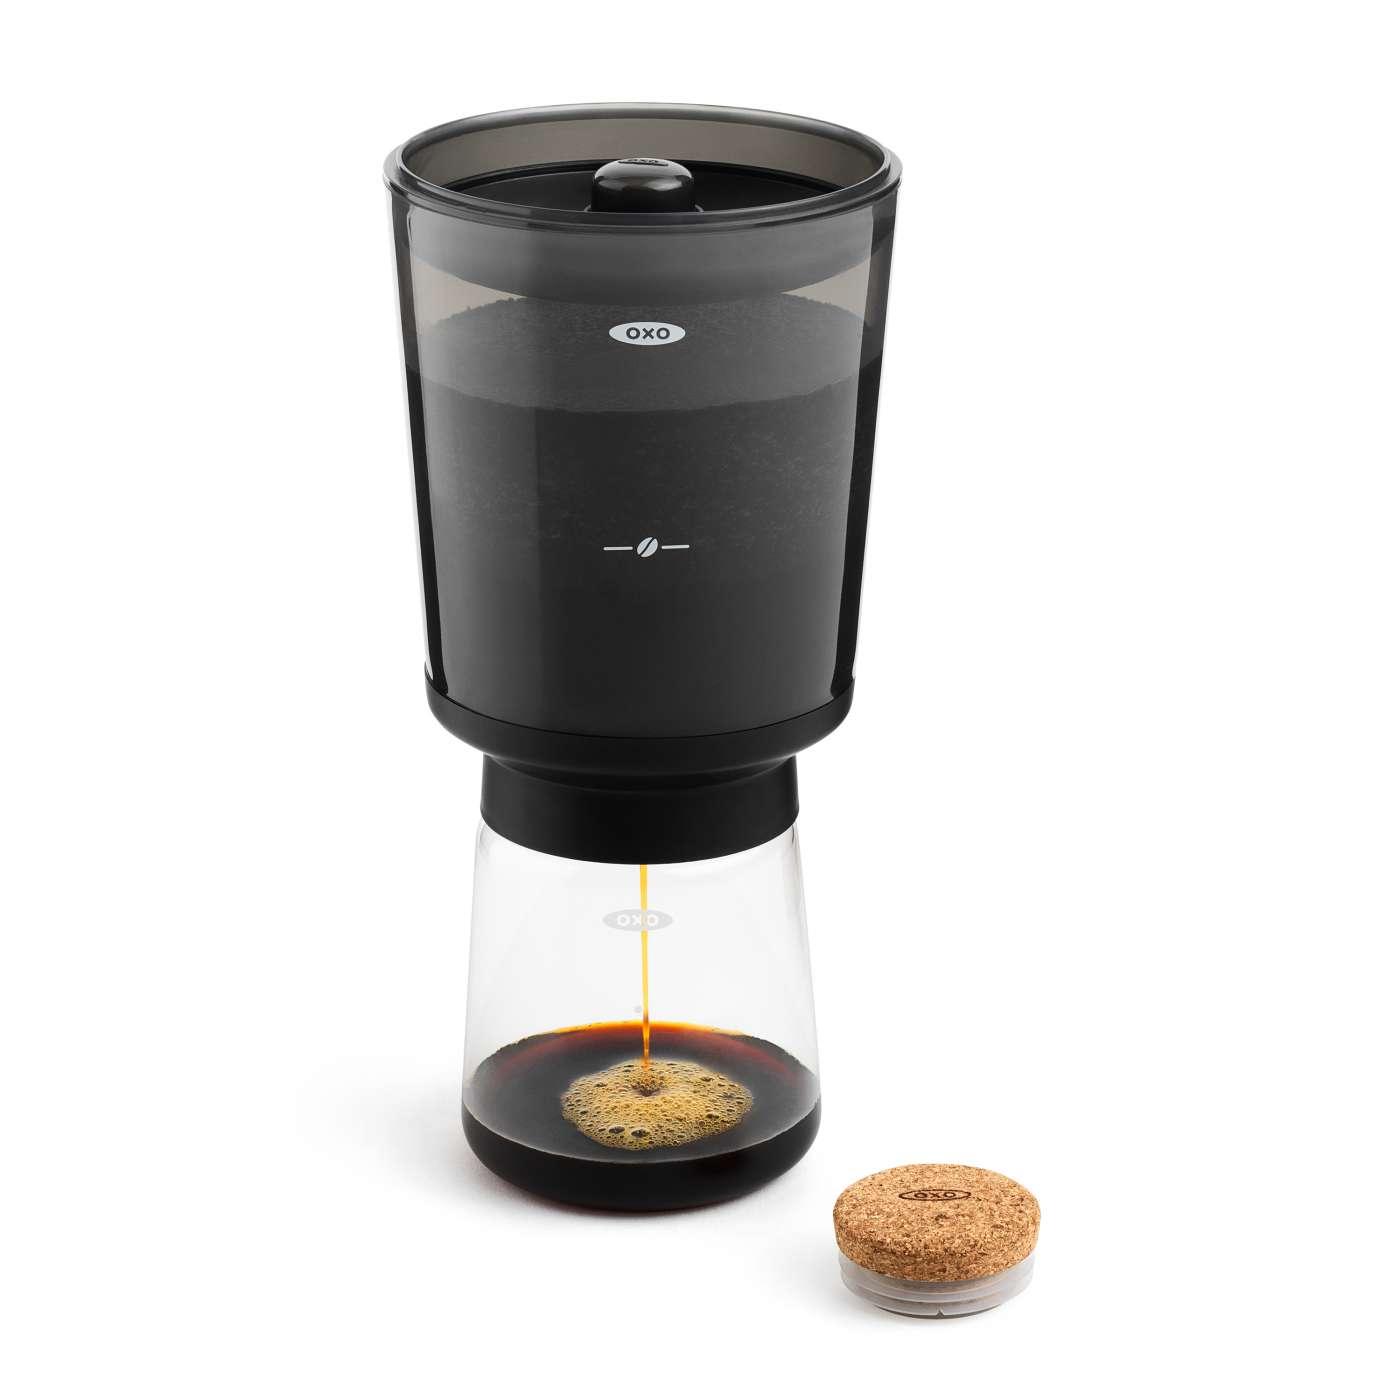 コールドブリュー濃縮コーヒーメーカー  | OXO(オクソー)公式サイト